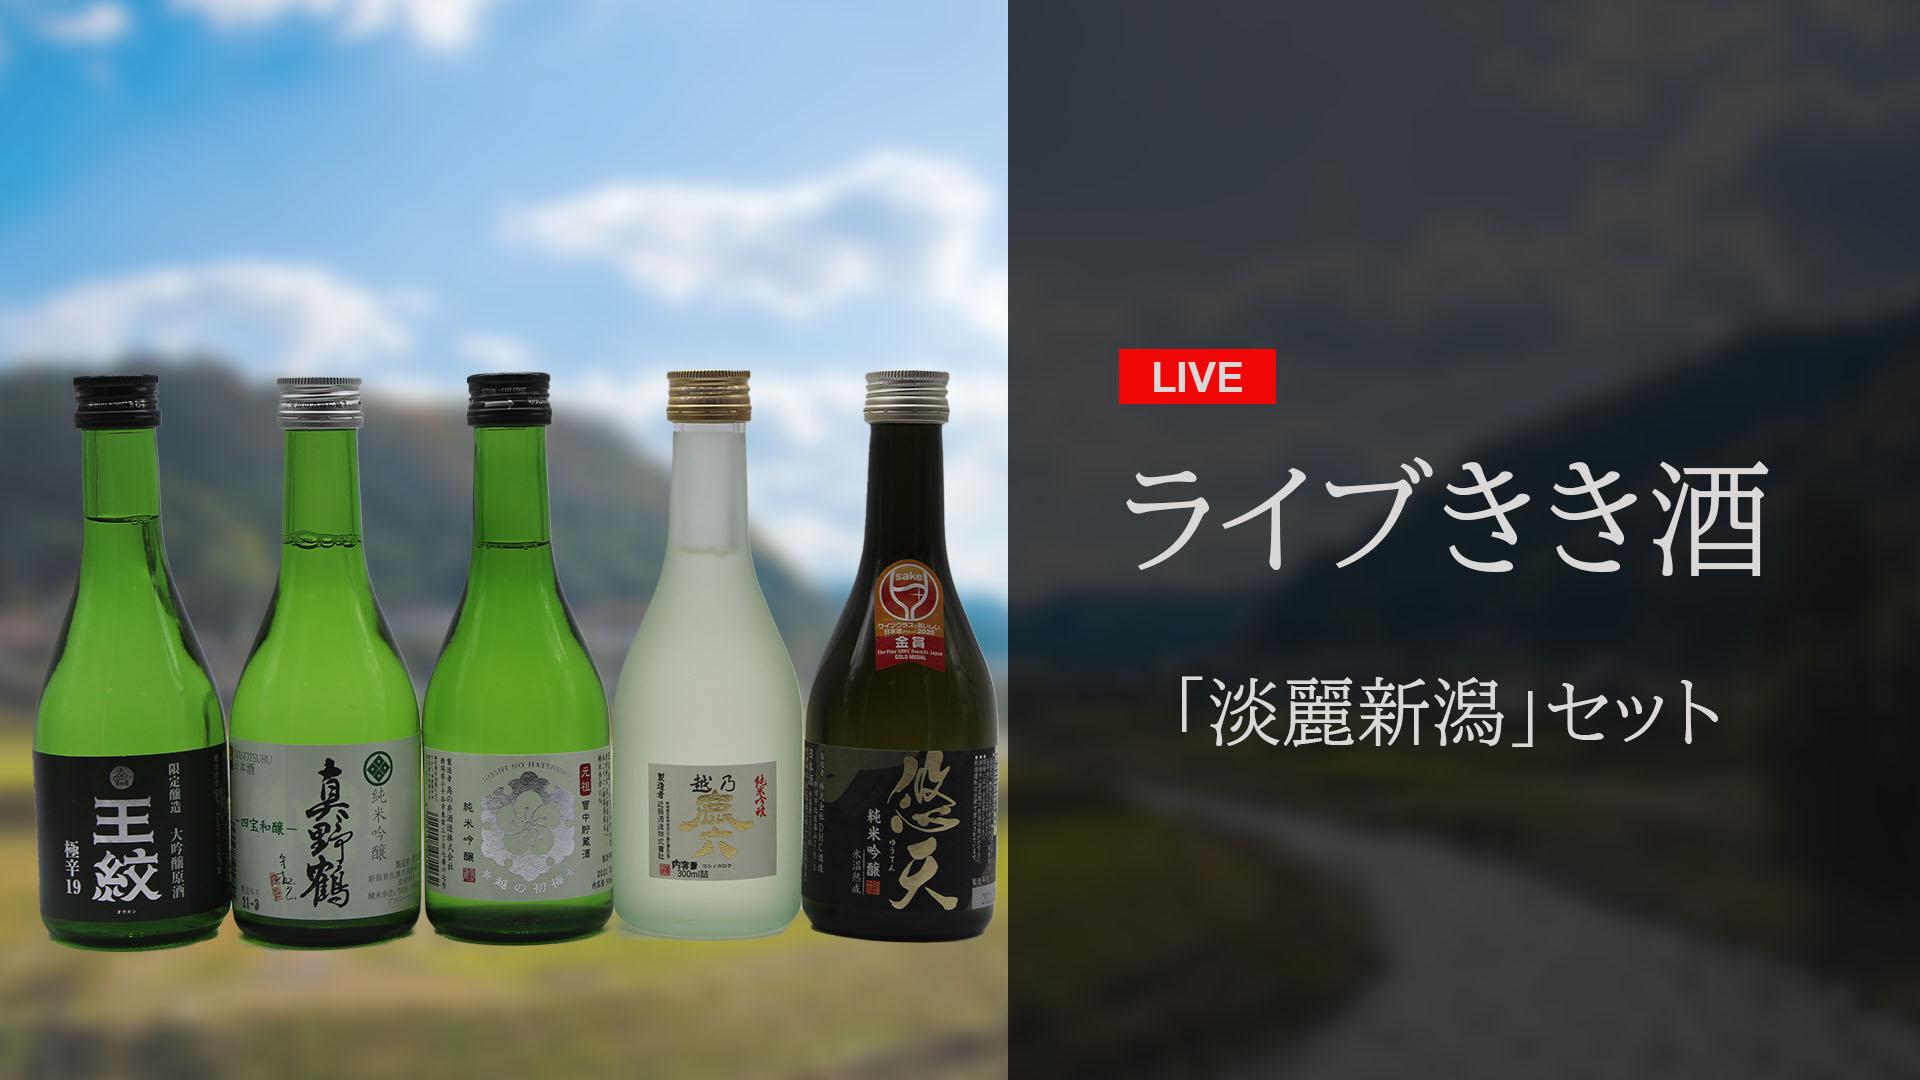 ライブきき酒「淡麗新潟」セット サムネイル